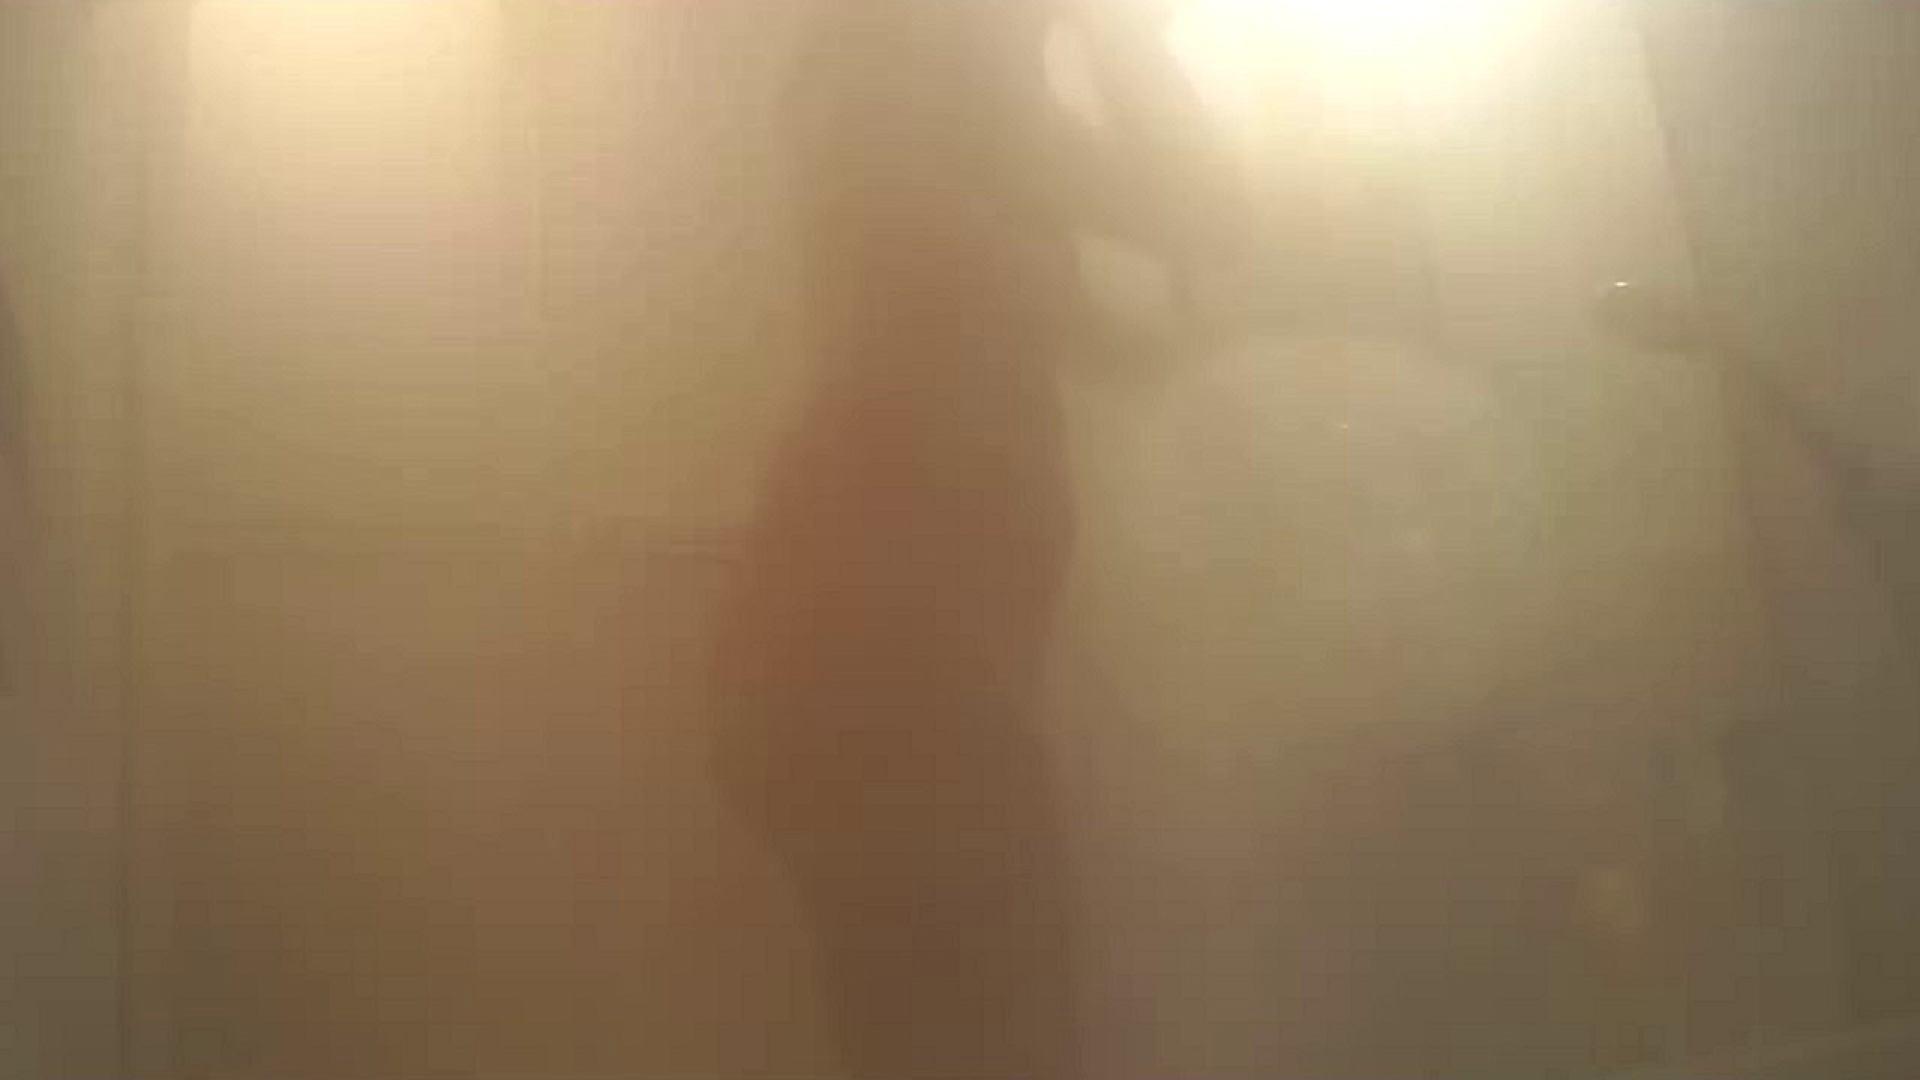 vol.1 よく成長し女性らしい体付きになりましたね ギャル攻め | シャワー室  93画像 89